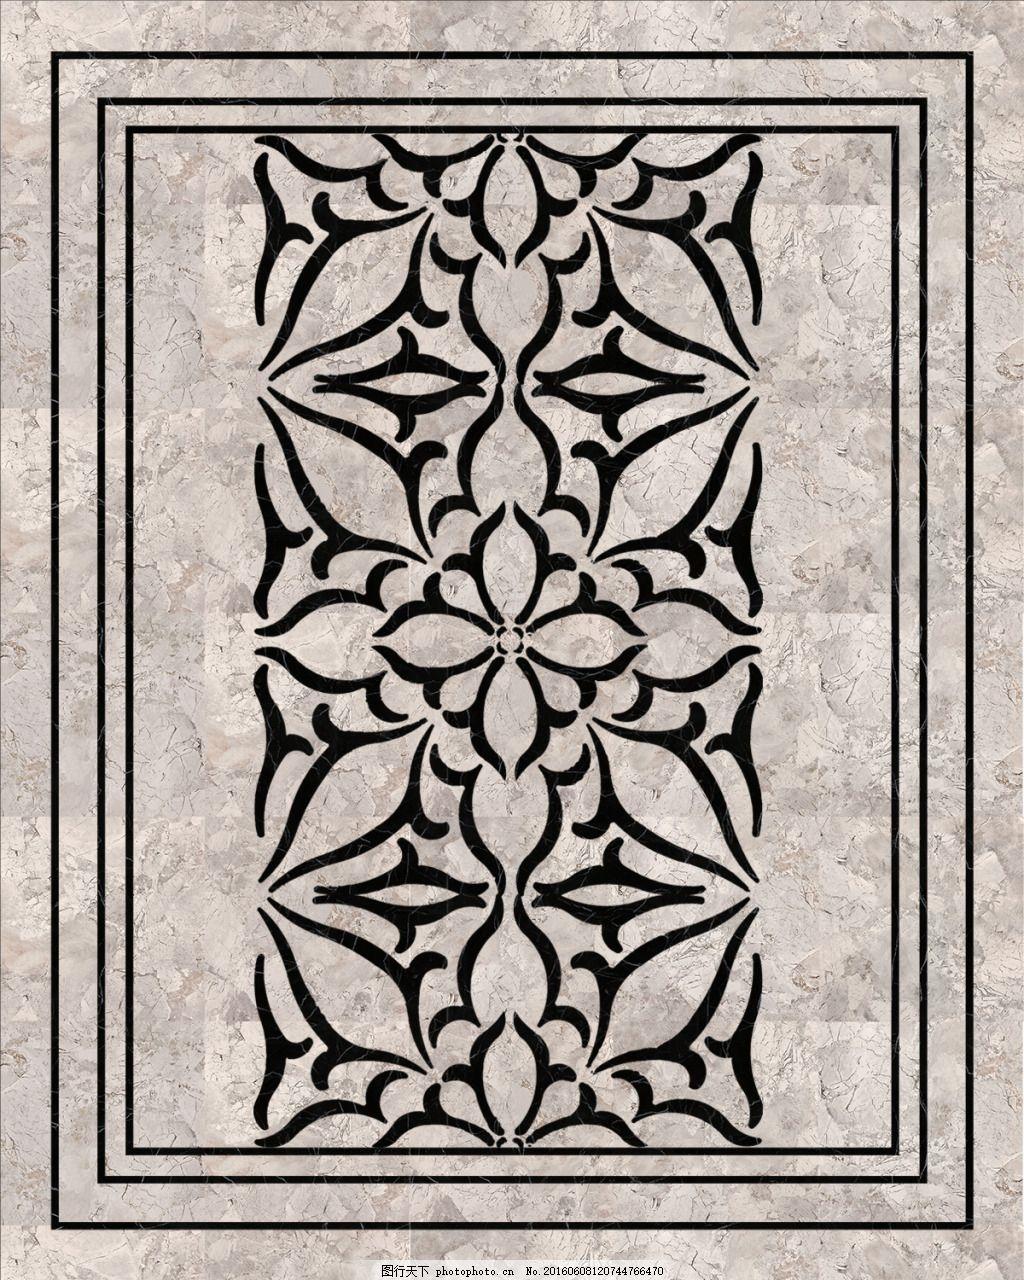 地面拼花 水刀 拼花 欧式 地板 瓷砖 psd 黑色